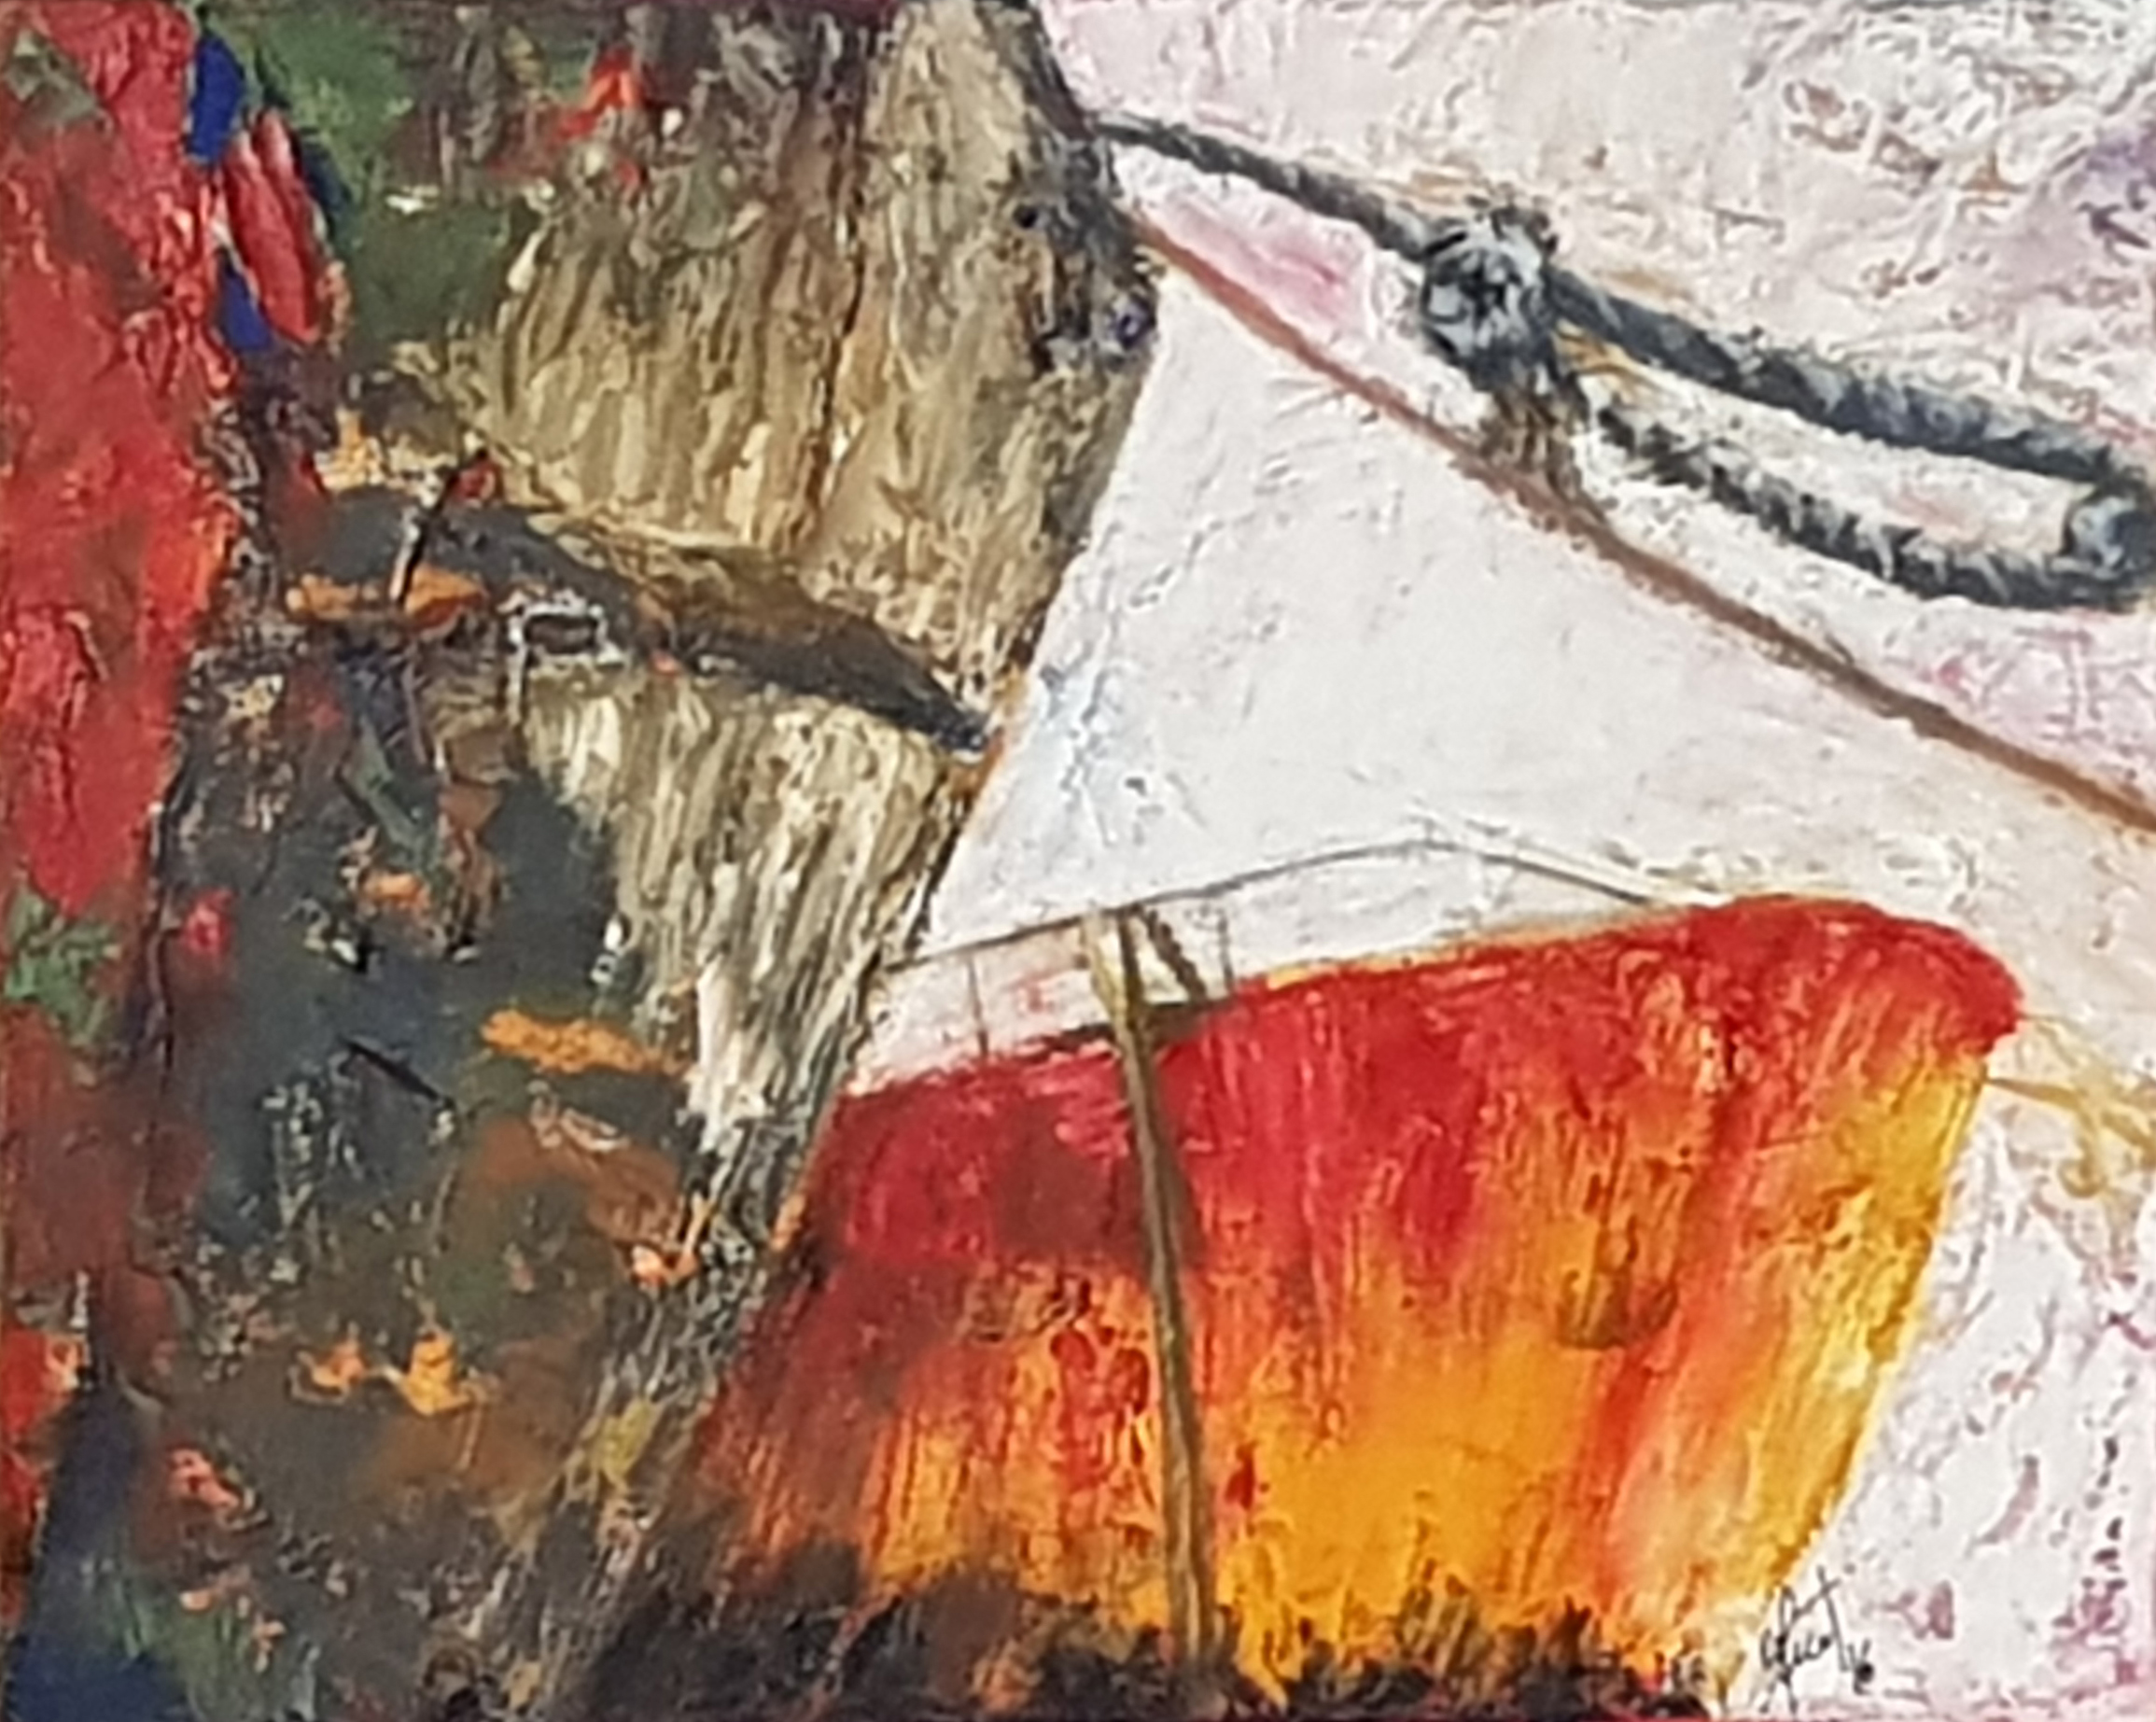 Adriana Furstner | Serie Obra en bastidor. Surgiendo entre los colores. Oleo sobre tela. 41 x 33 cm. 2017